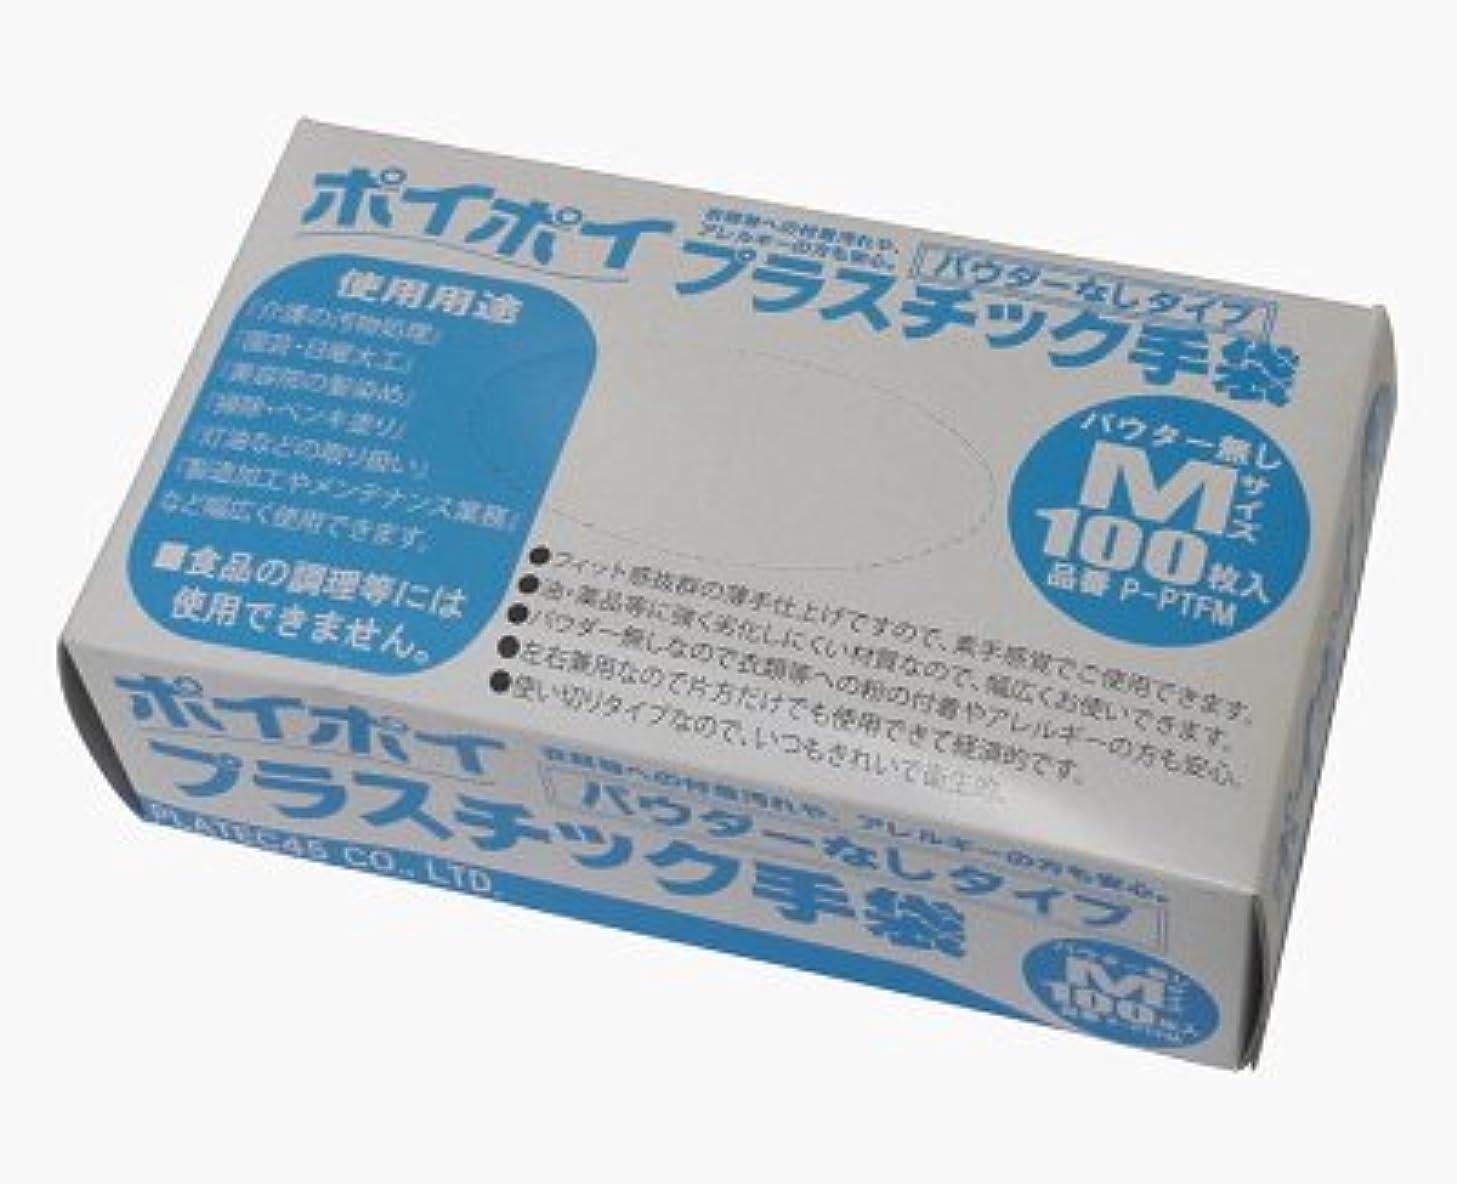 不正直震える気まぐれな●●●プラテック45 プラスチックグローブパウダー無しM 100枚×20箱